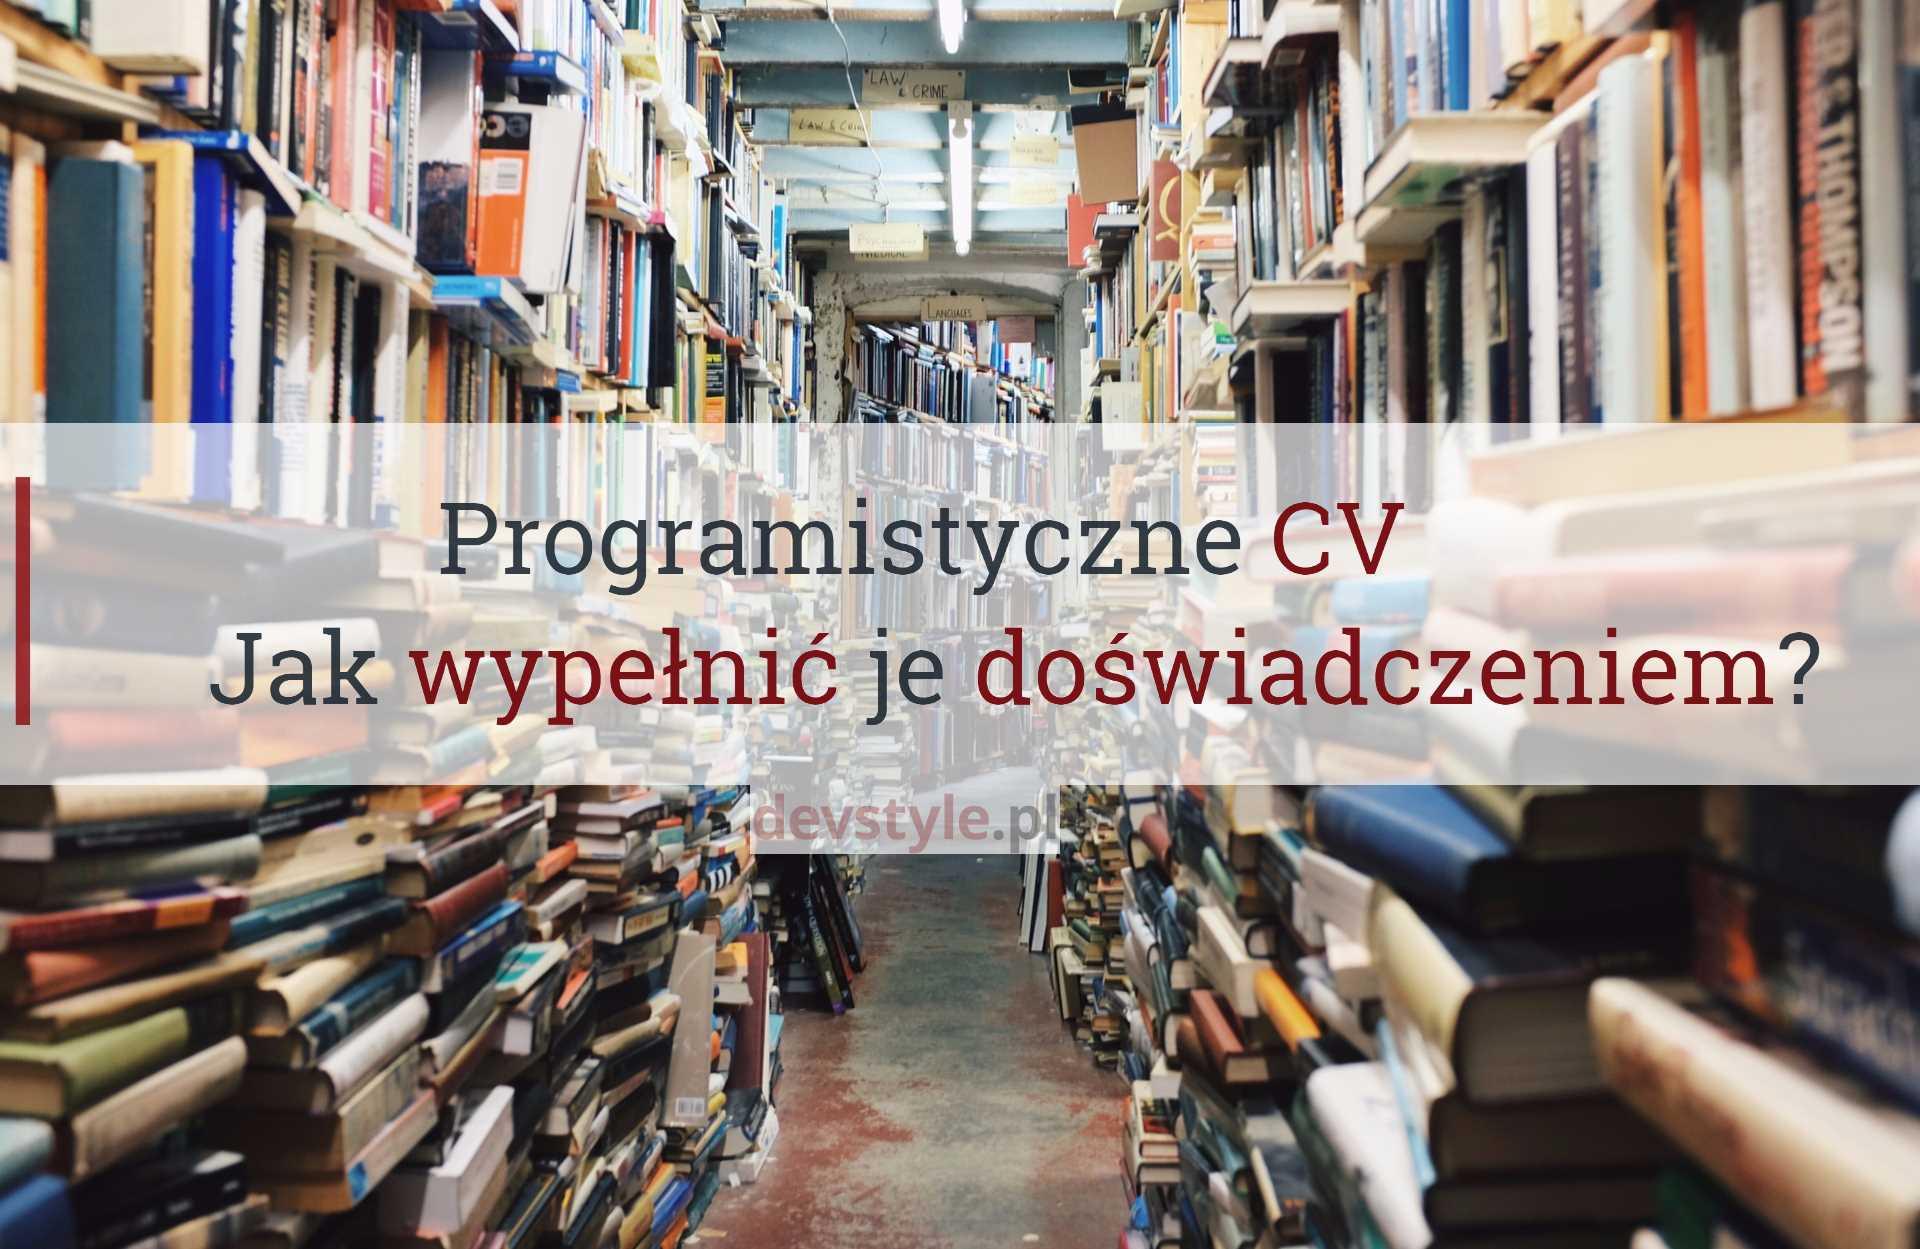 Jak Wypełnić Programistyczne Cv Doświadczeniem Devstylepl